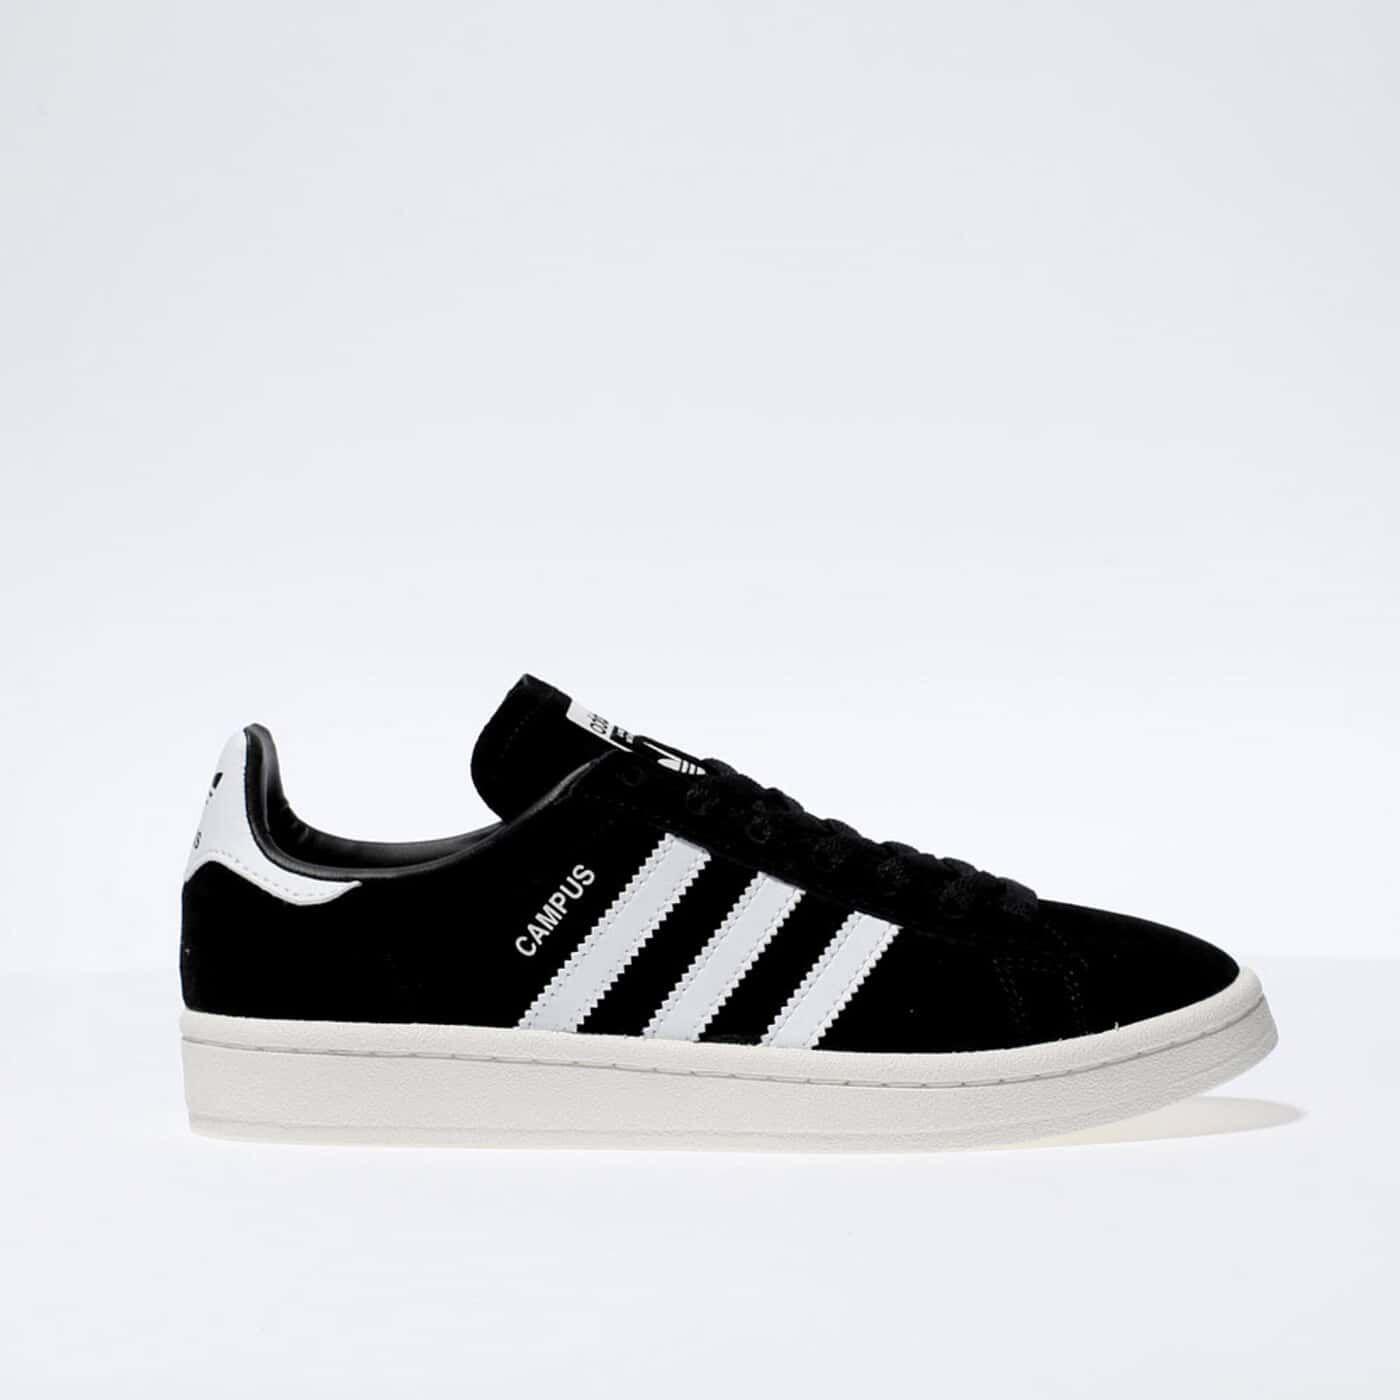 Adidas Shoes 80% OFF!\u003e\u003e womens black